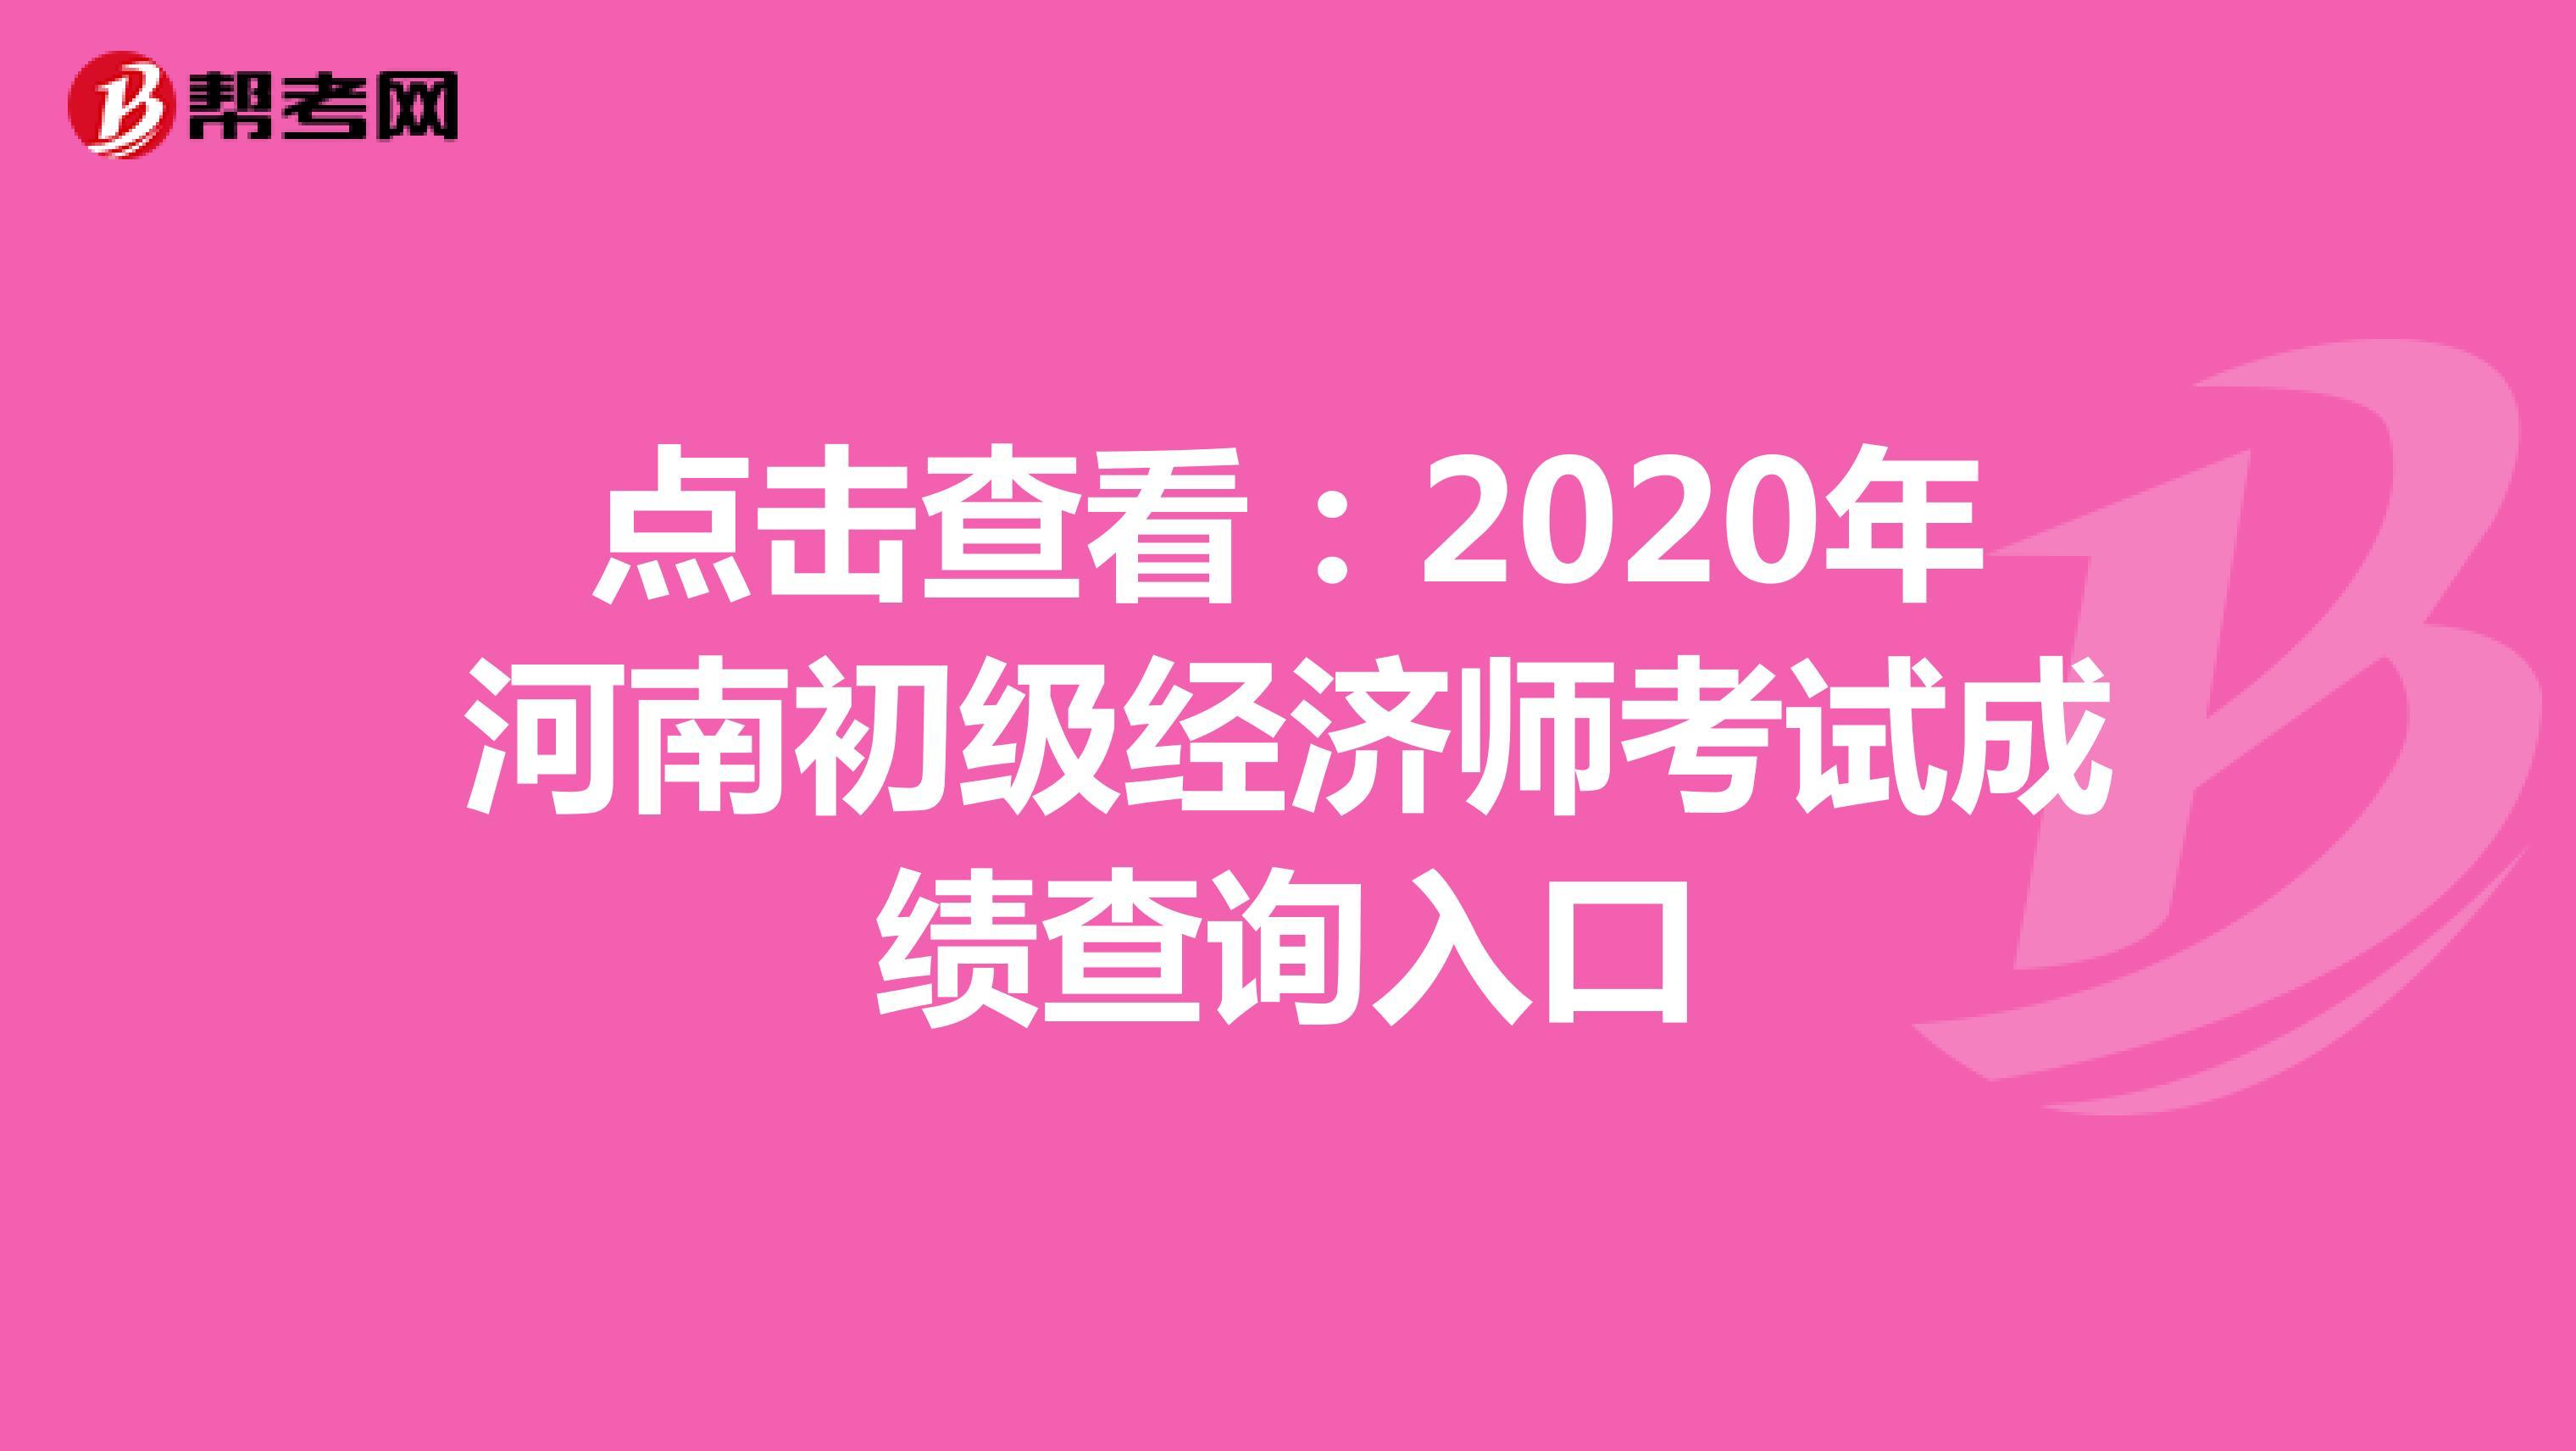 点击查看:2020年河南初级经济师考试成绩查询入口